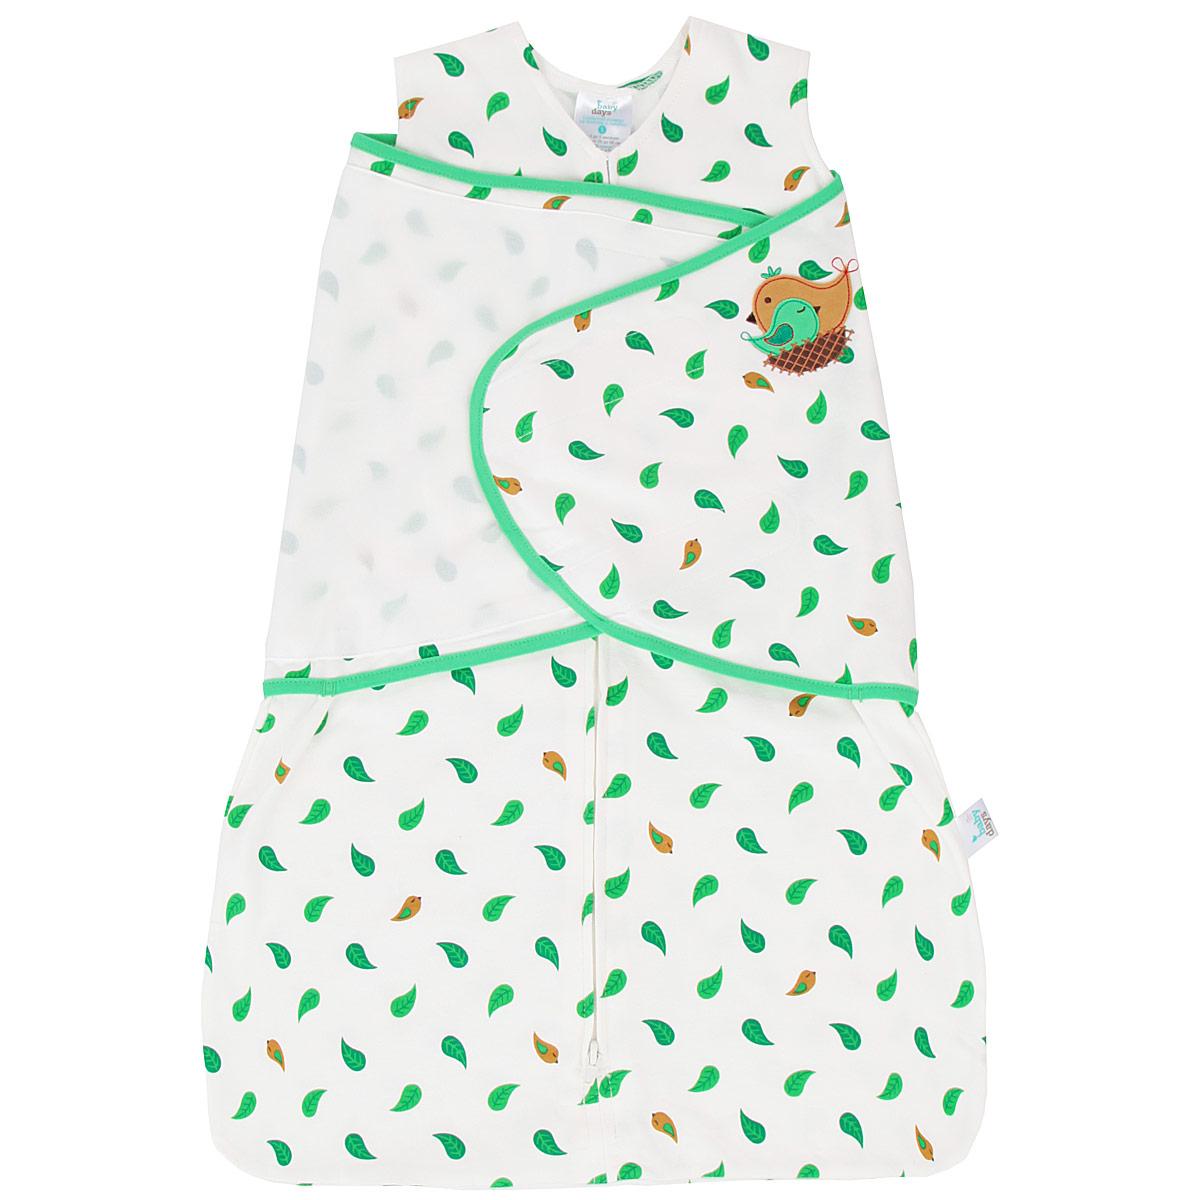 Спальный мешок для новорожденныхbd20001Спальный конверт для новорожденного Babydays Птичка, изготовленный из натурального хлопка, необычайно мягкий и легкий, не раздражает нежную кожу ребенка, и хорошо вентилируются и отлично впитывает влагу, а эластичные швы приятны телу ребенка и не препятствуют его движениям. Модель спроектирована с учетом максимальной безопасности и комфорта, заменяя традиционные одеяльца, которые могут закрыть малышу лицо и затруднить дыхание. Безрукавный крой снижает риск перегрева. Свободный крой не сковывает движения, что важно для правильного развития тазобедренного сустава. Конверт застегивается на пластиковую застежку-молнию снизу вверх, что делает удобным смену подгузников и не травмирует подбородок малыша, и дополнительно запахом на липучки. Модель спального конверта позволяет держать руки малыша как внутри, так и снаружи. Два способа пеленания малыша показаны на инструкции по использованию. Оформлено изделие принтом с изображением листочков, а также аппликацией в виде птички....